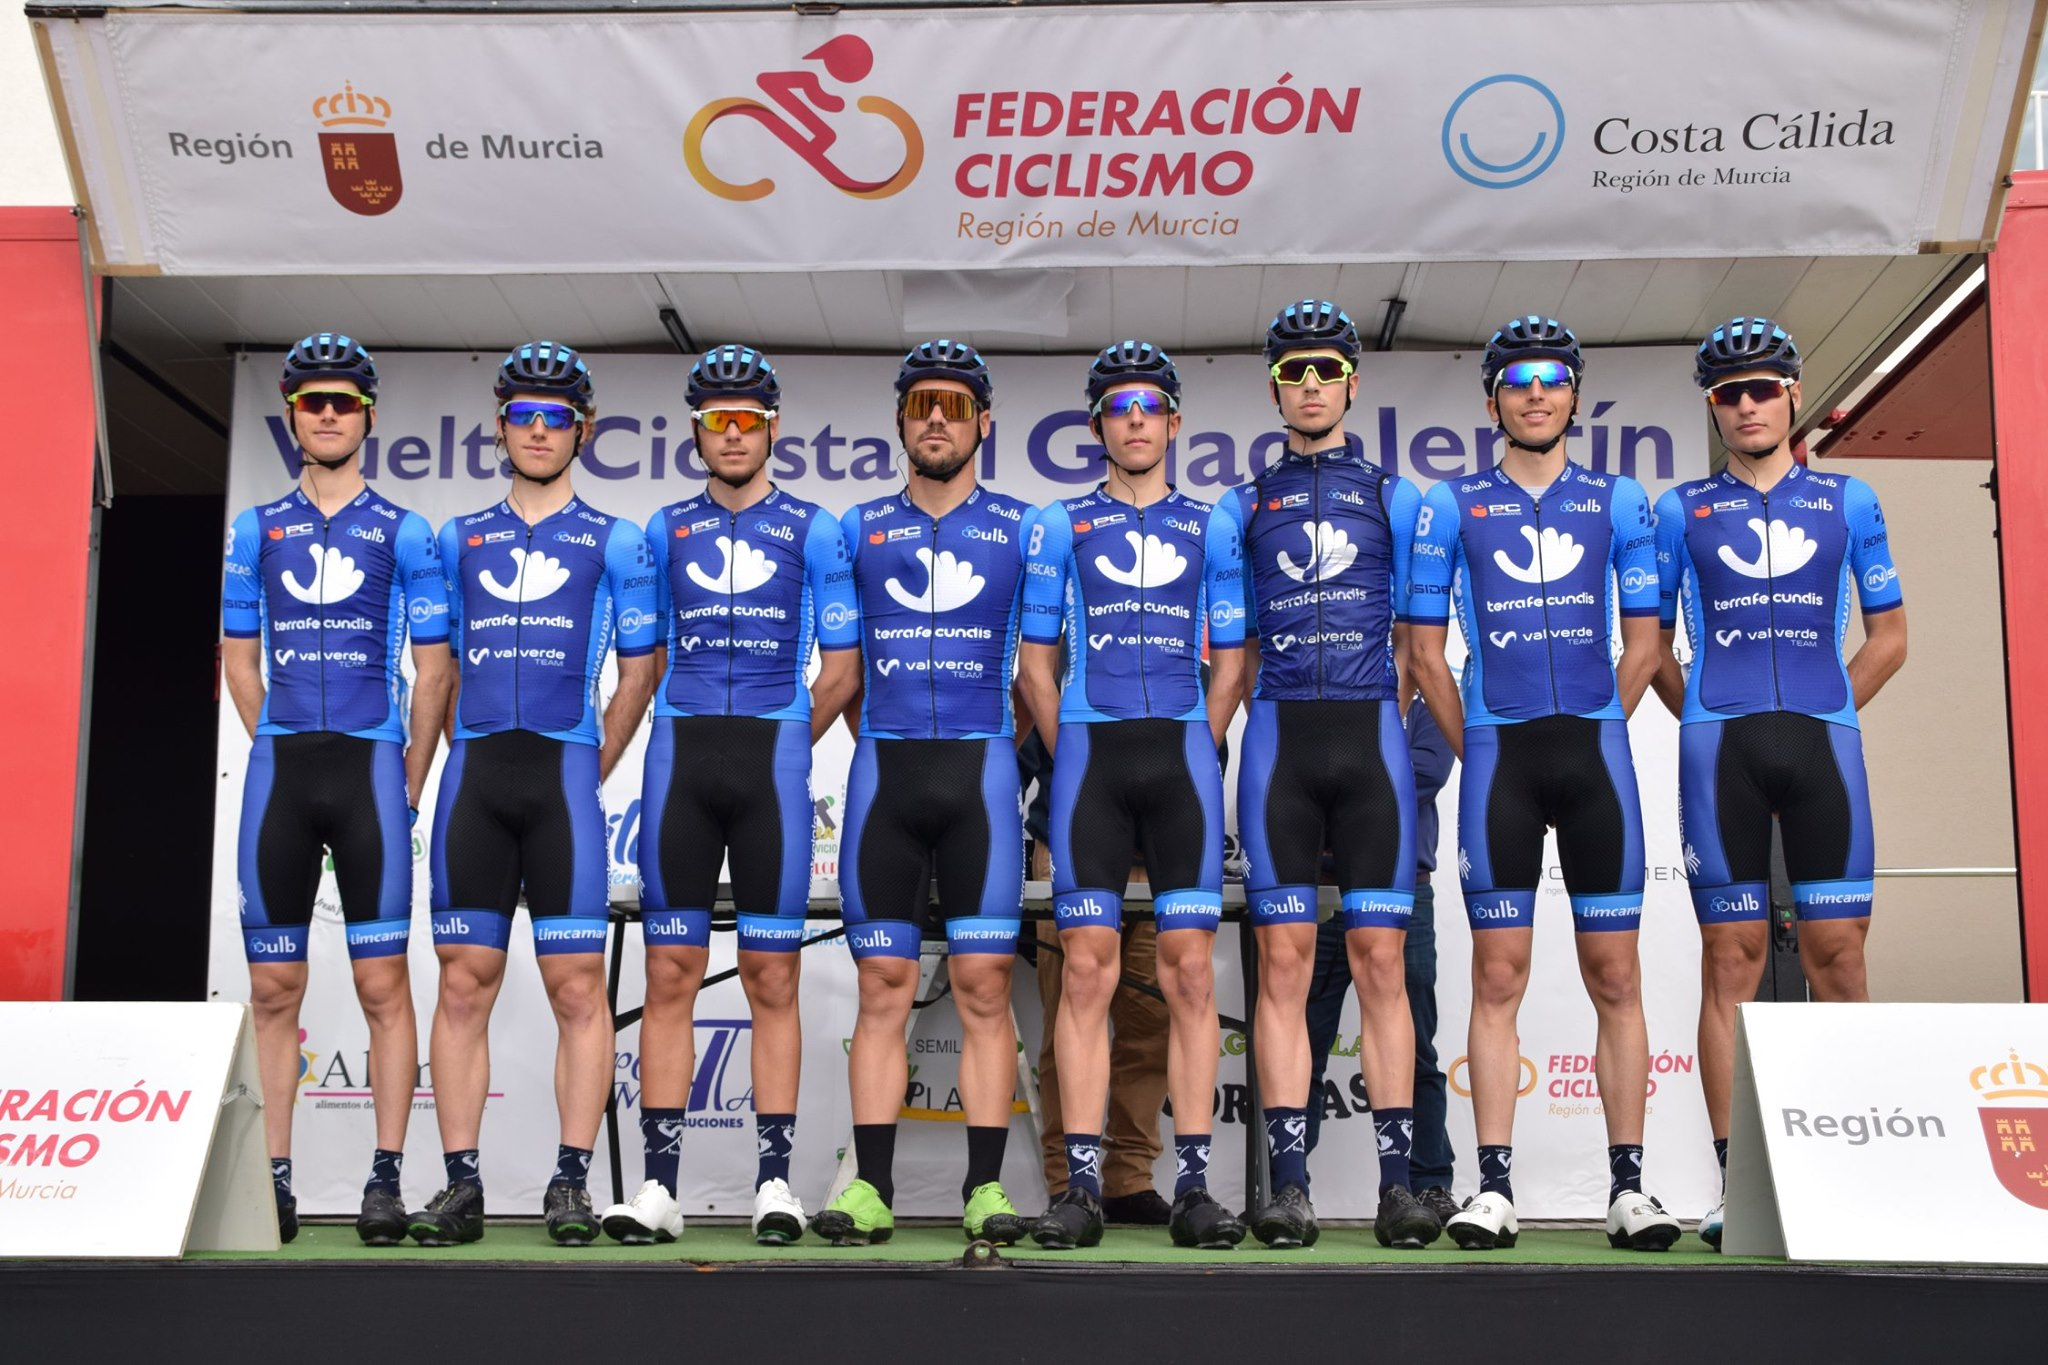 Valverde Team-Terra Fecundis